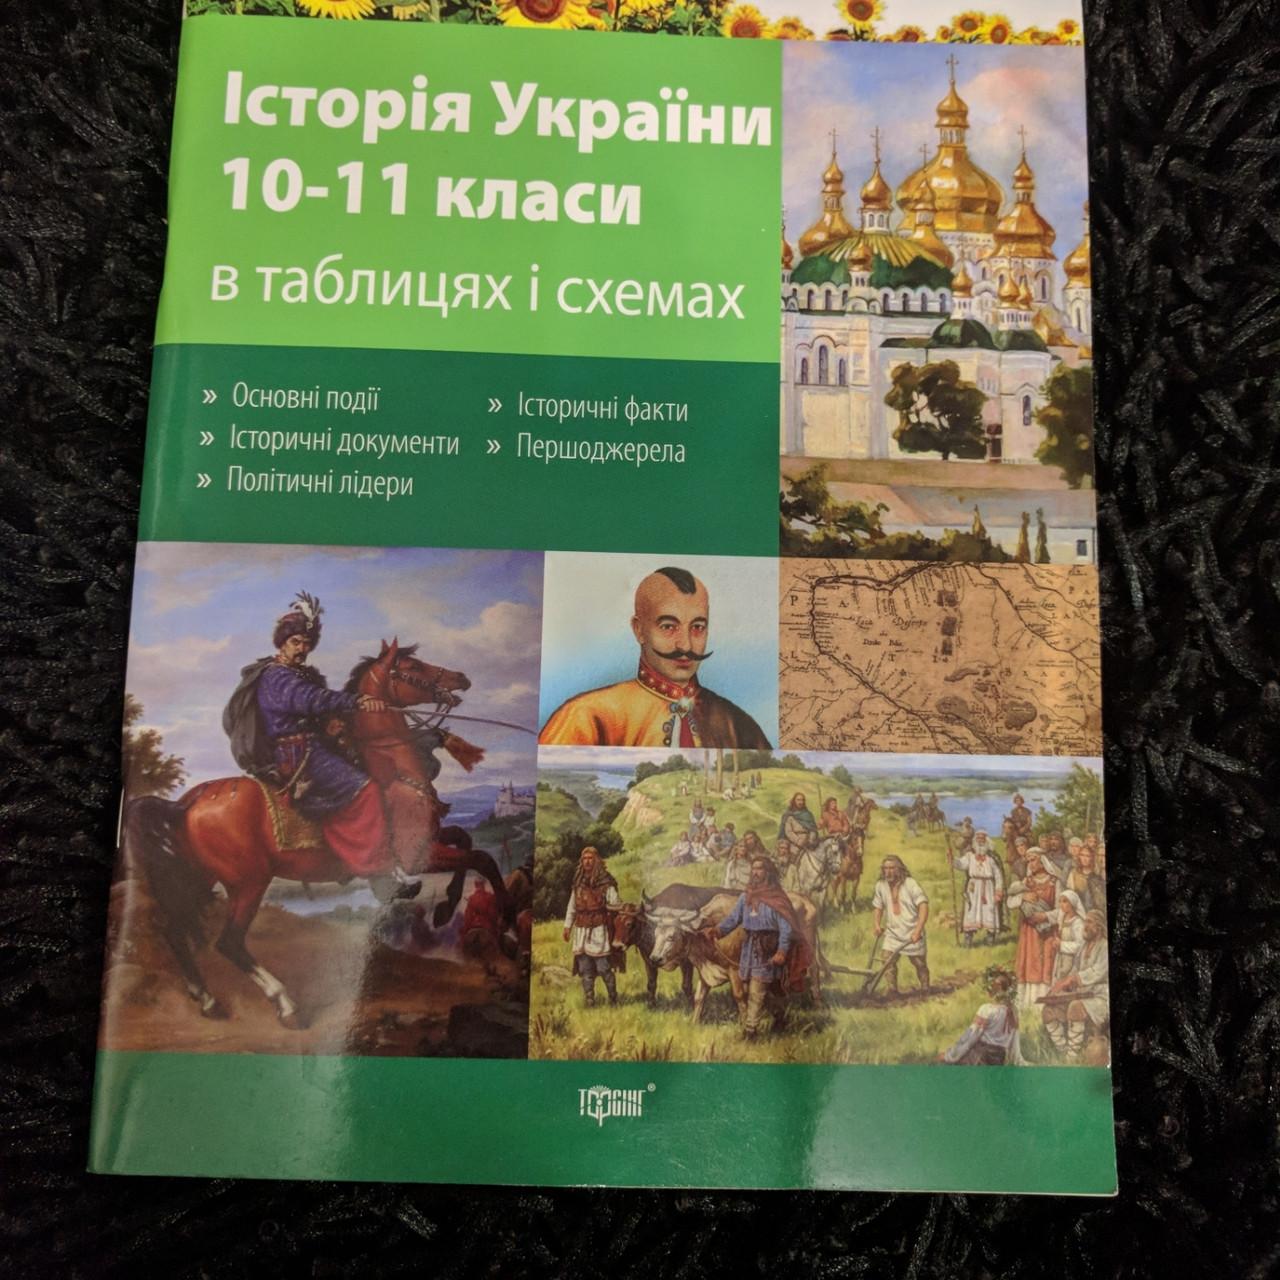 История Украины 10-11 классы в таблицах и схемах